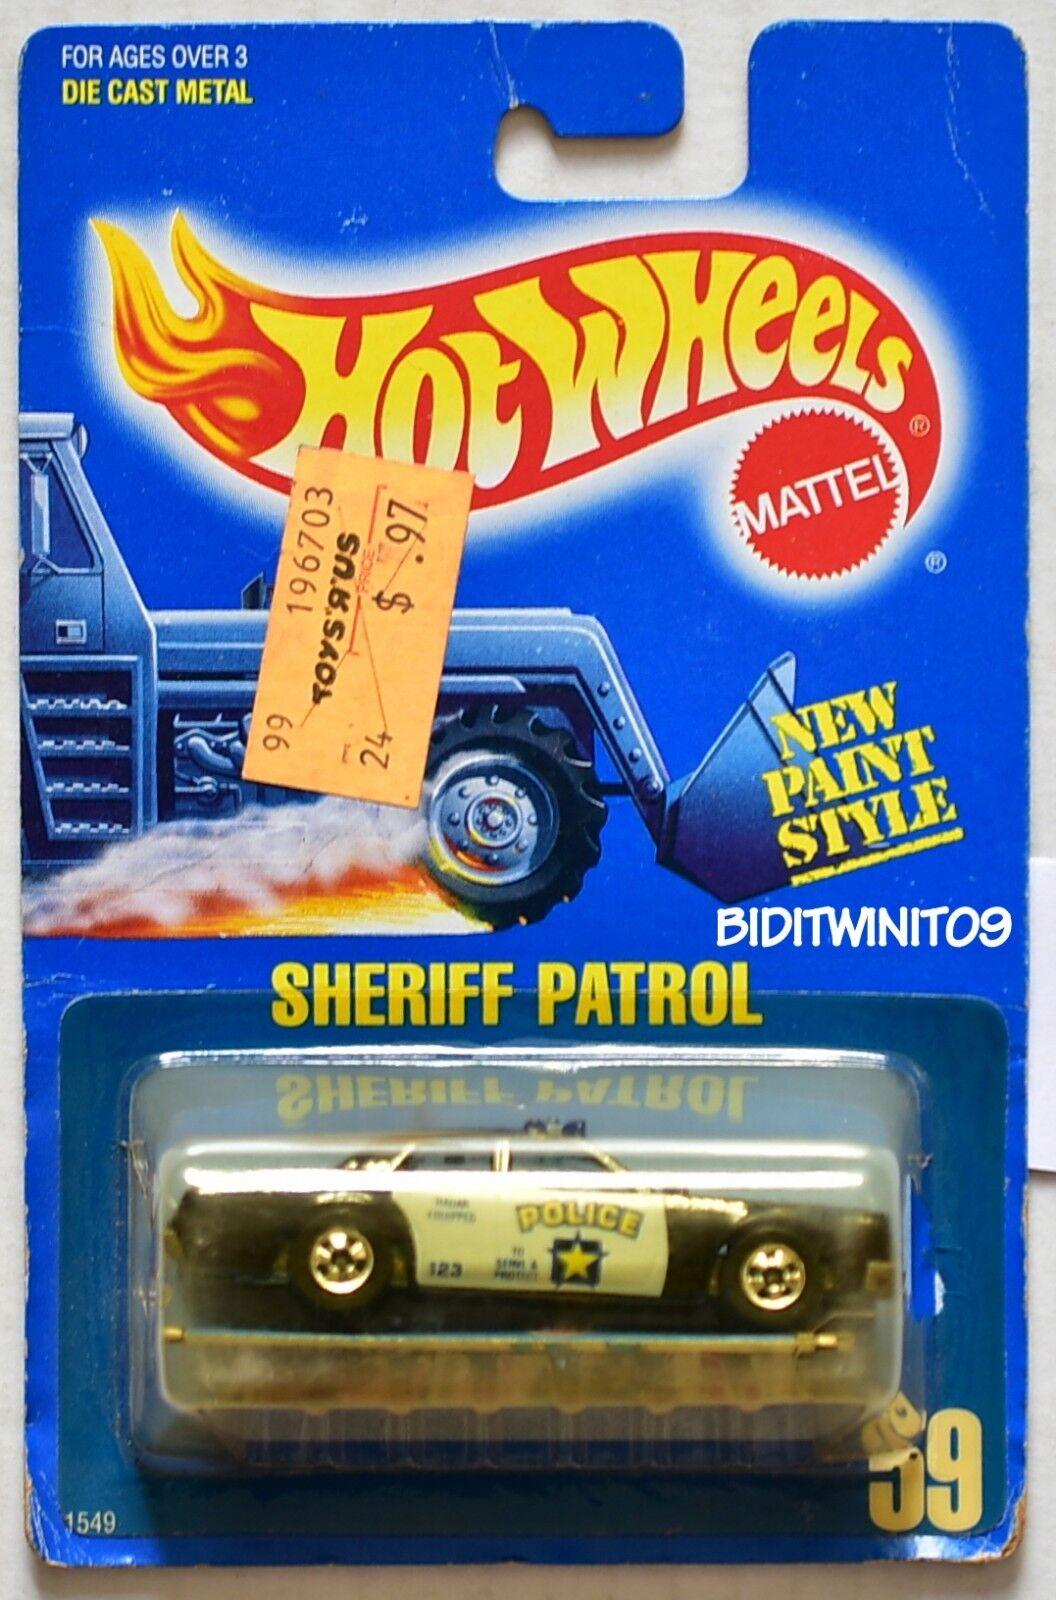 Hot Wheels 2018 Azul Tarjeta Sheriff Patrol 59 en Tampo con / Marrón Interior